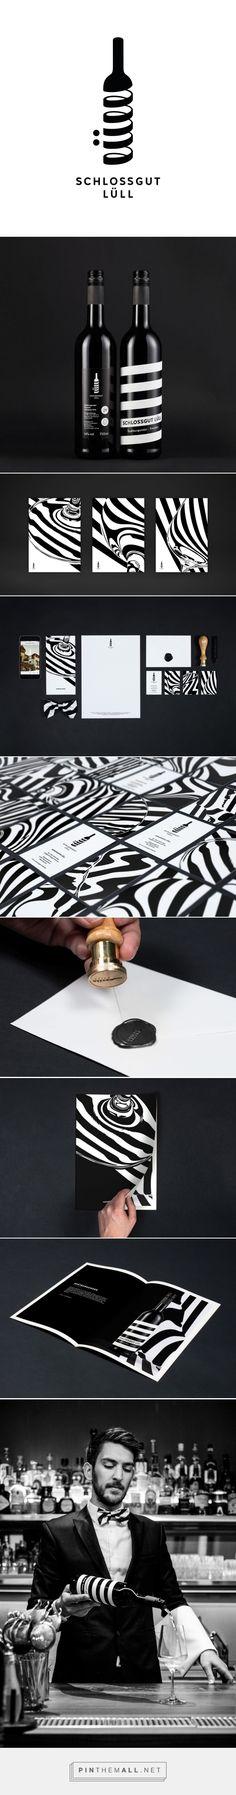 Schlossgut Lüll – Corporate Design - created via https://pinthemall.net